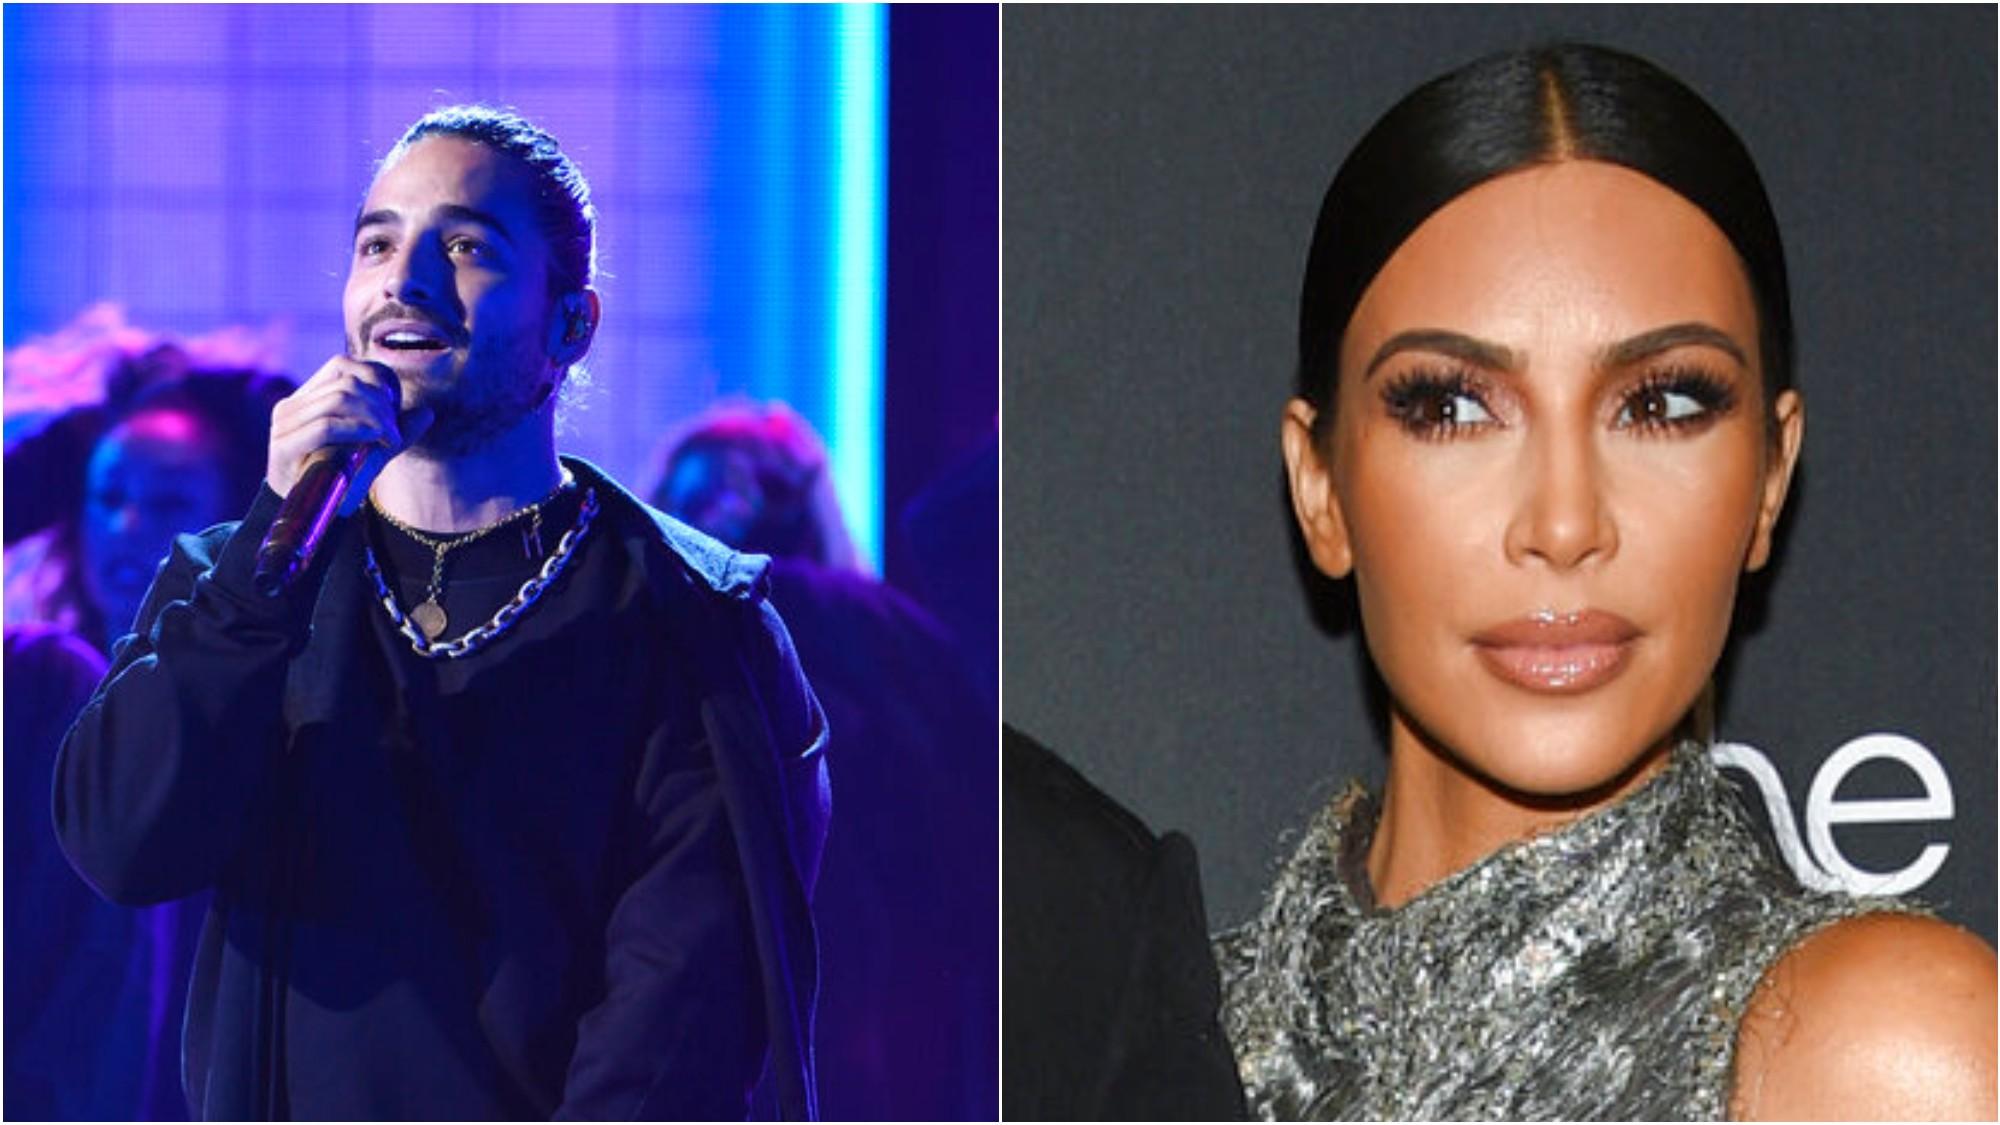 Maluma respondió ante los rumores sobre una posible relación con Kim Kardashian